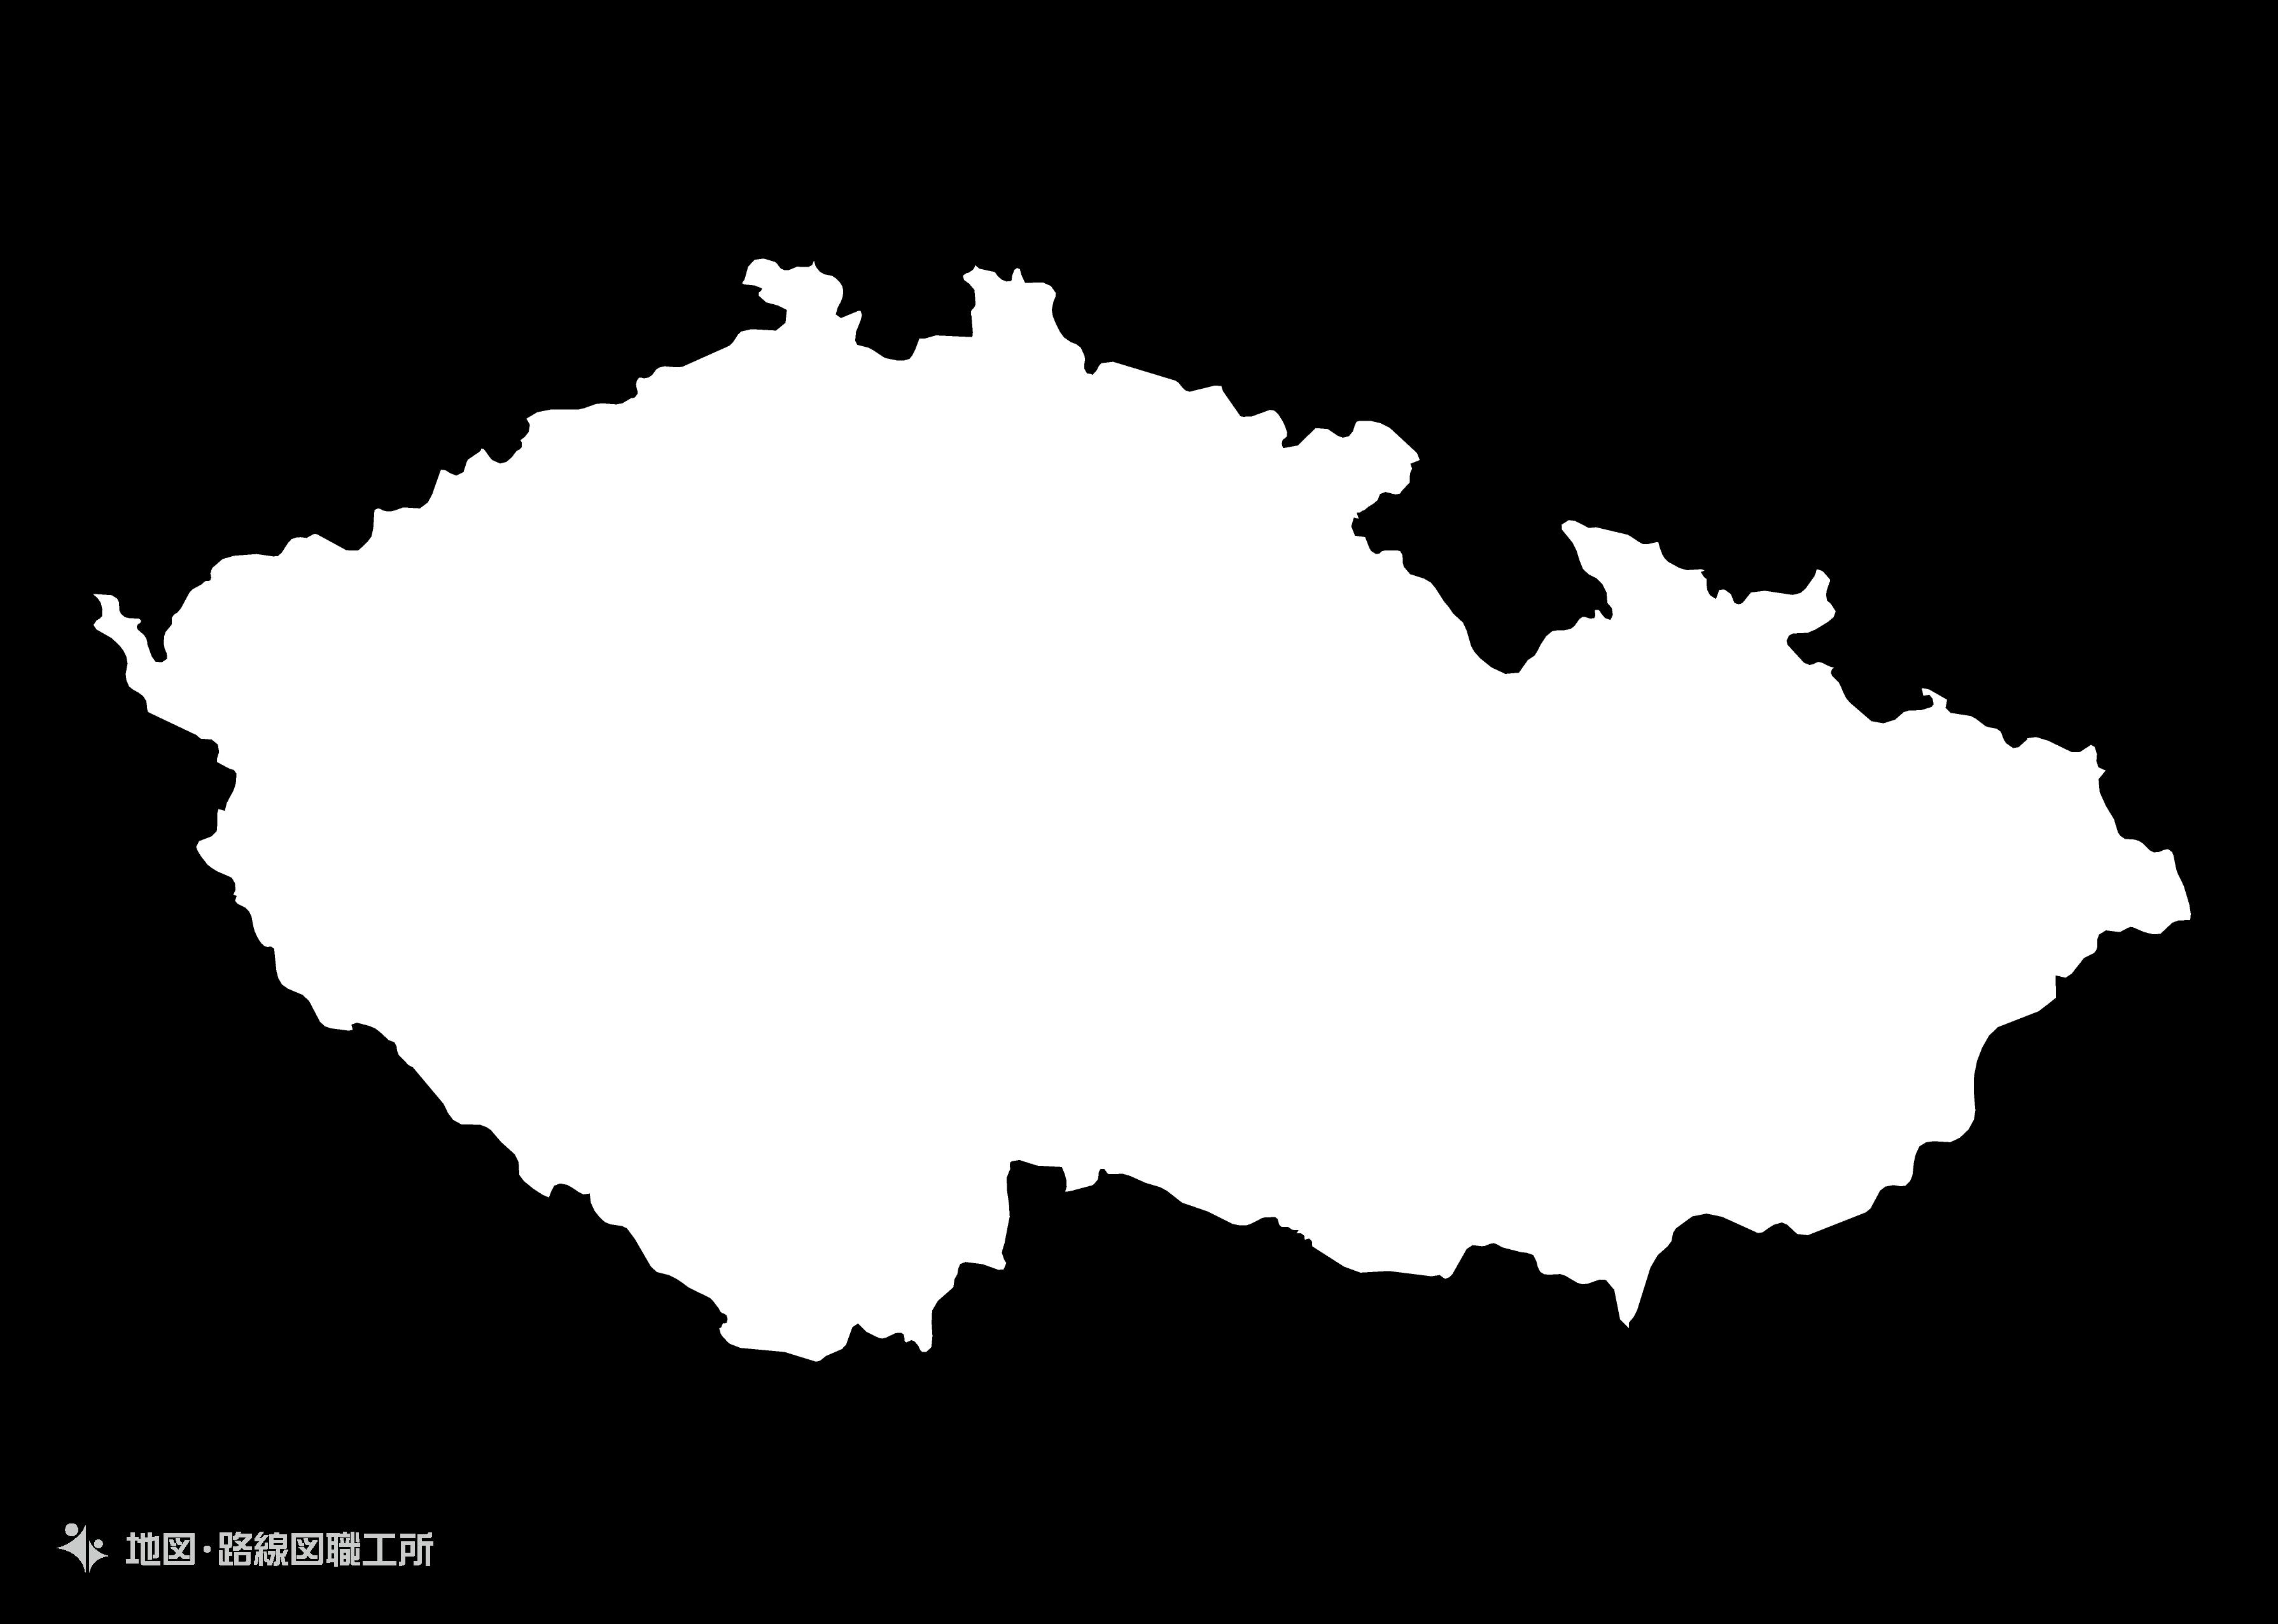 世界の白地図 チェコ共和国 czech-republic map